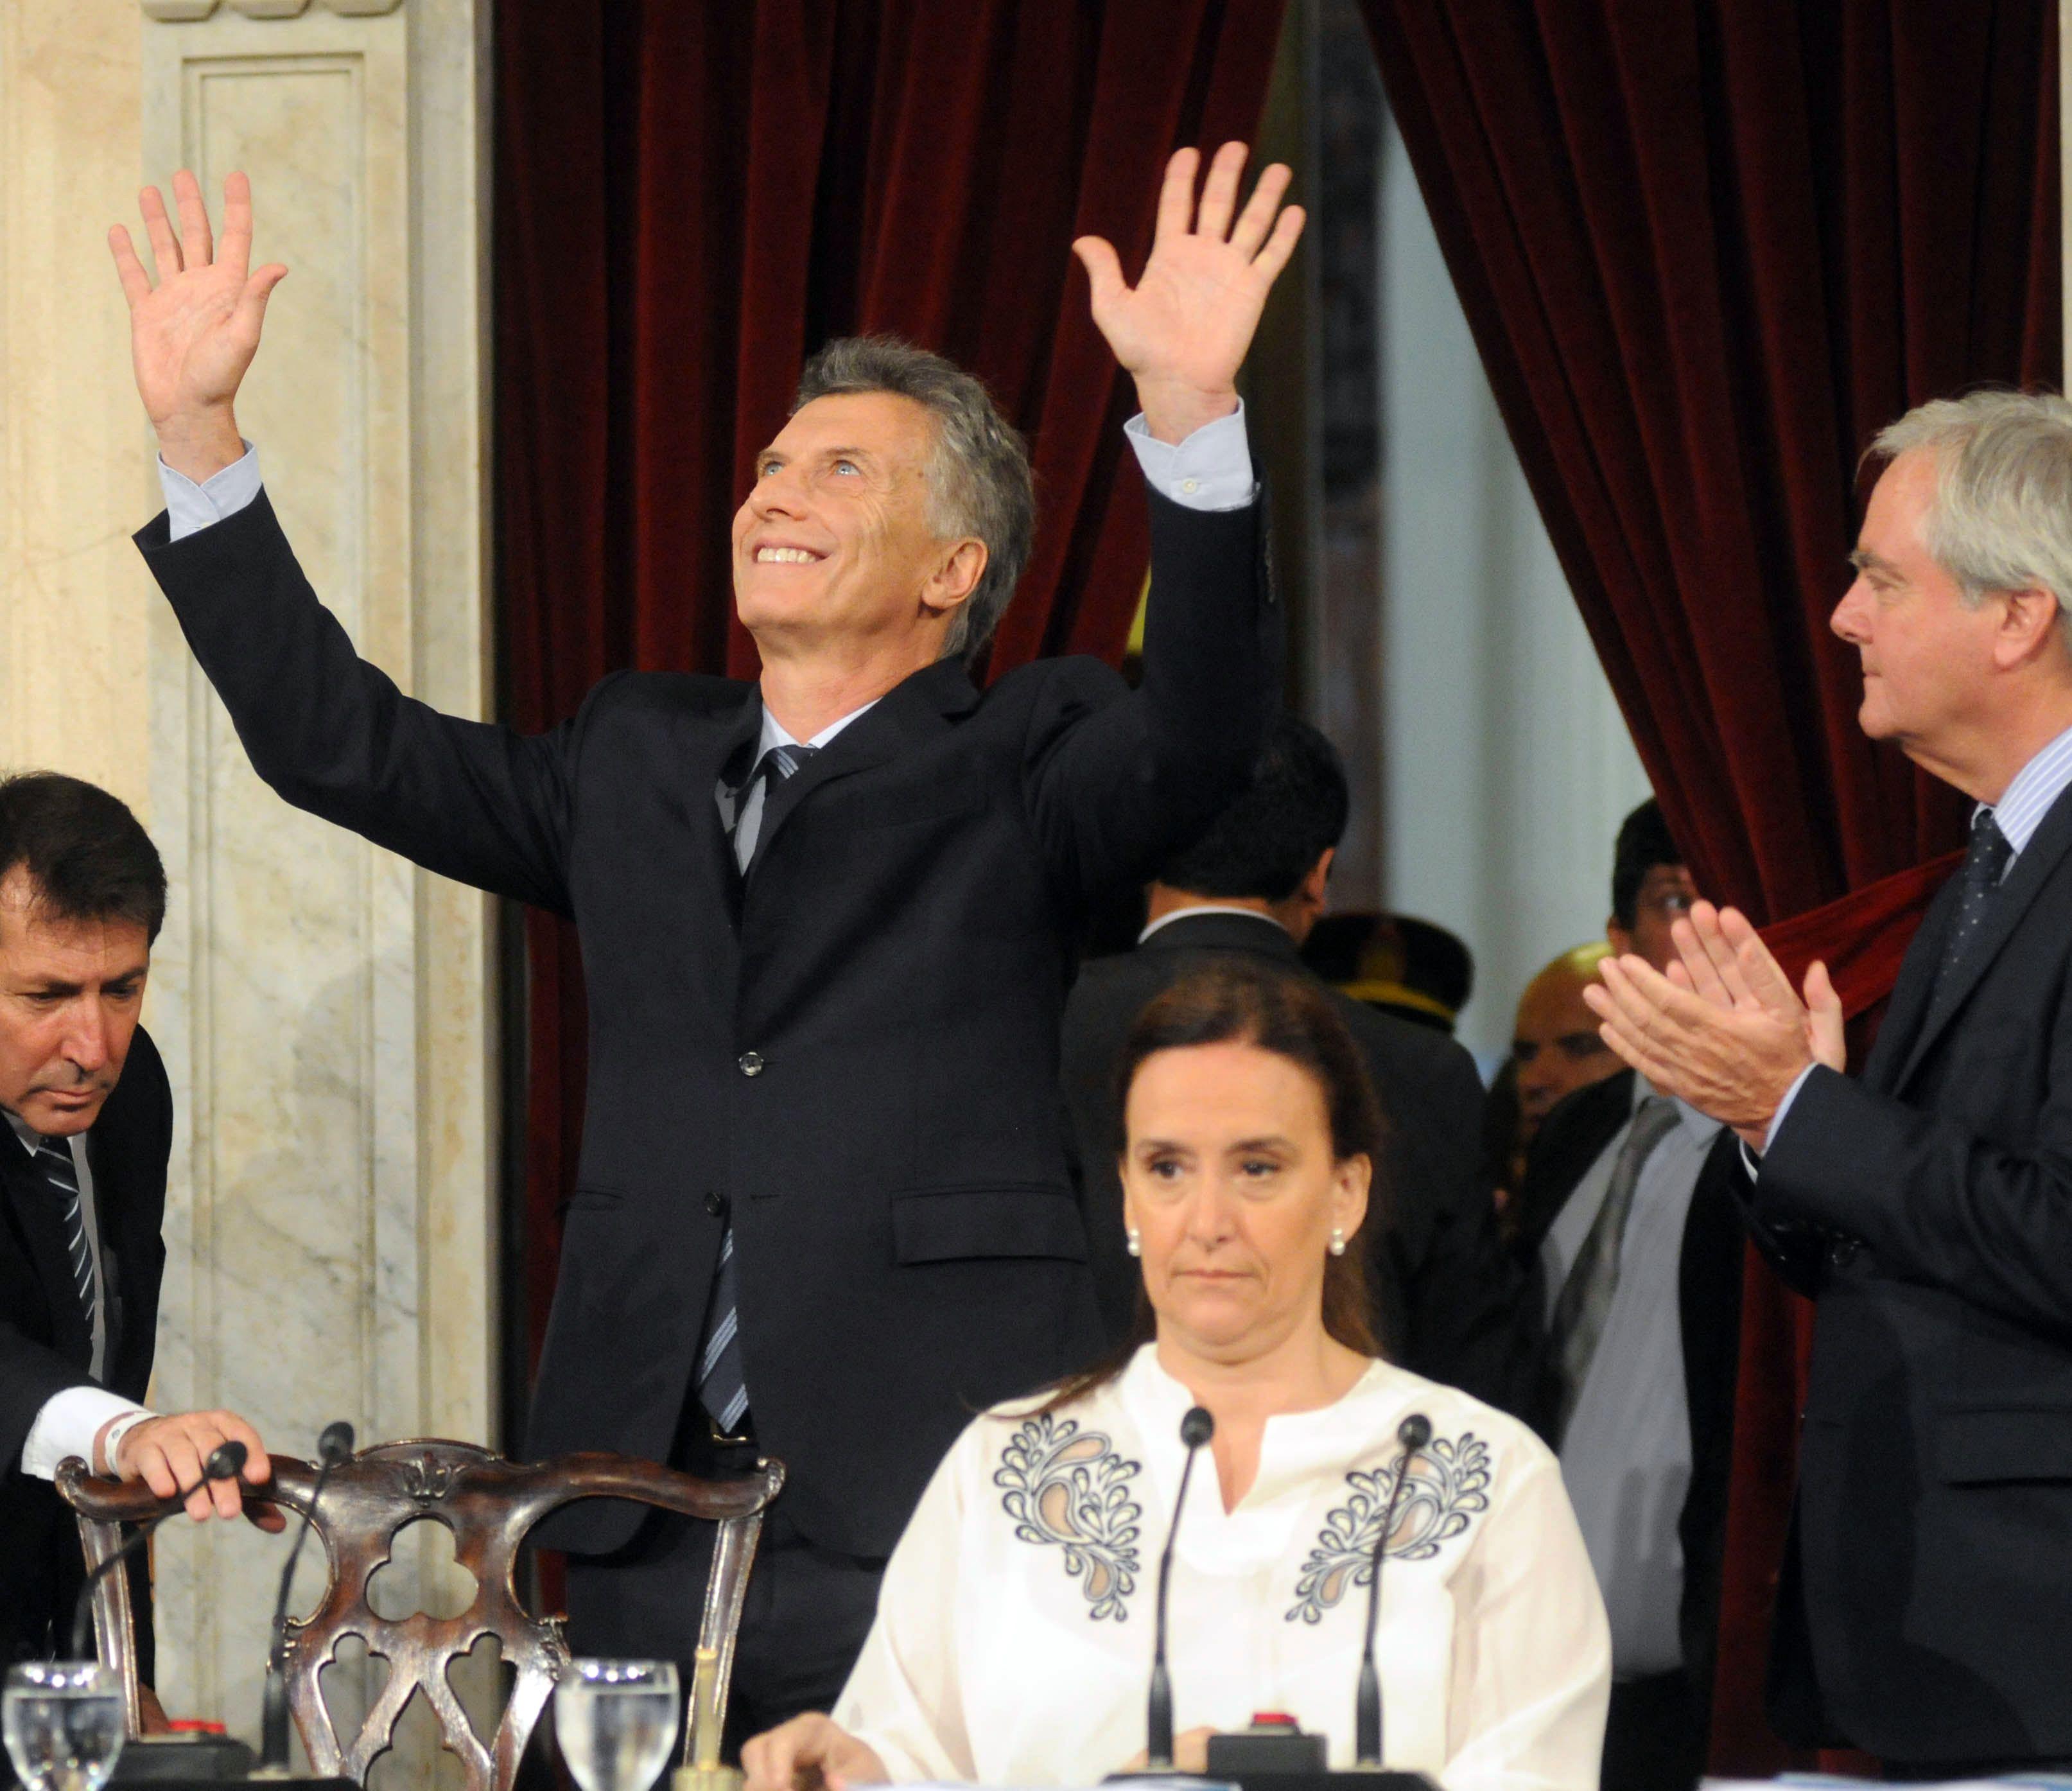 Herencia recibida y promesas de cambio en el primer discurso de Macri